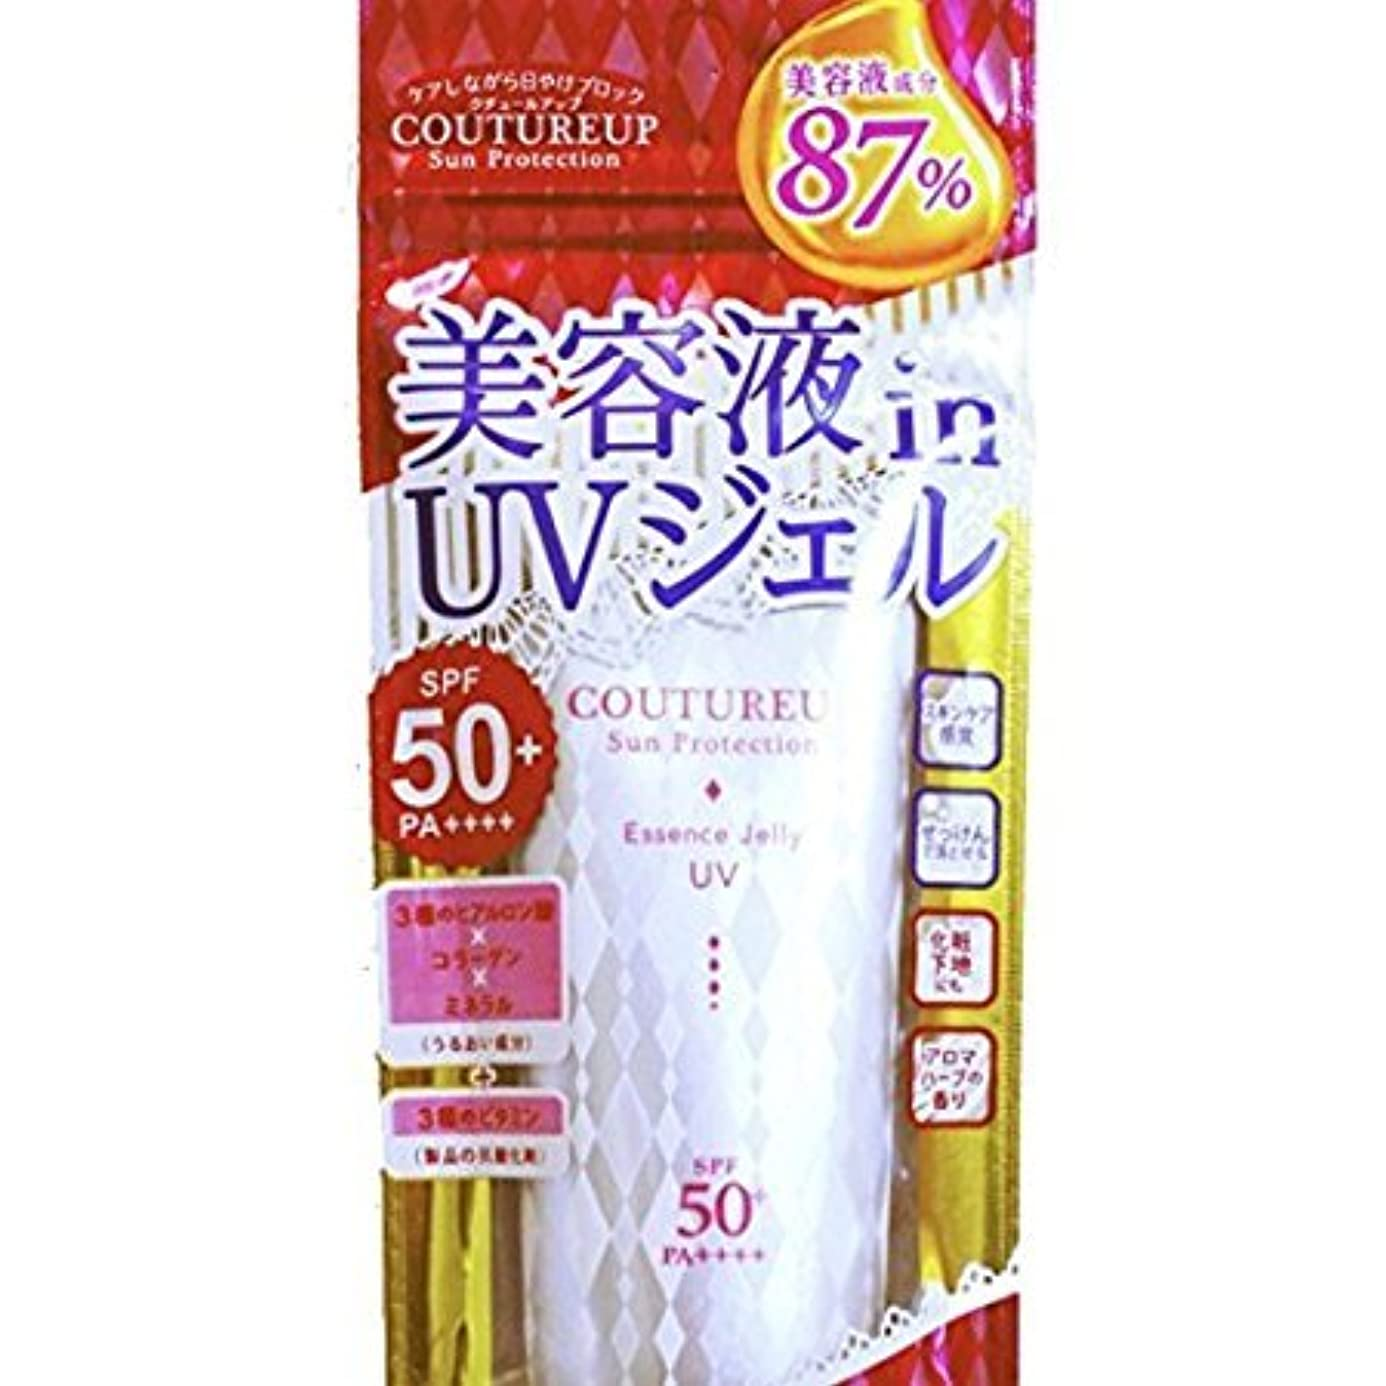 標準霧何美容液 in UVジェル SPF50+/PA++++ 65g 美容液成分87% 日焼け止め&化粧下地